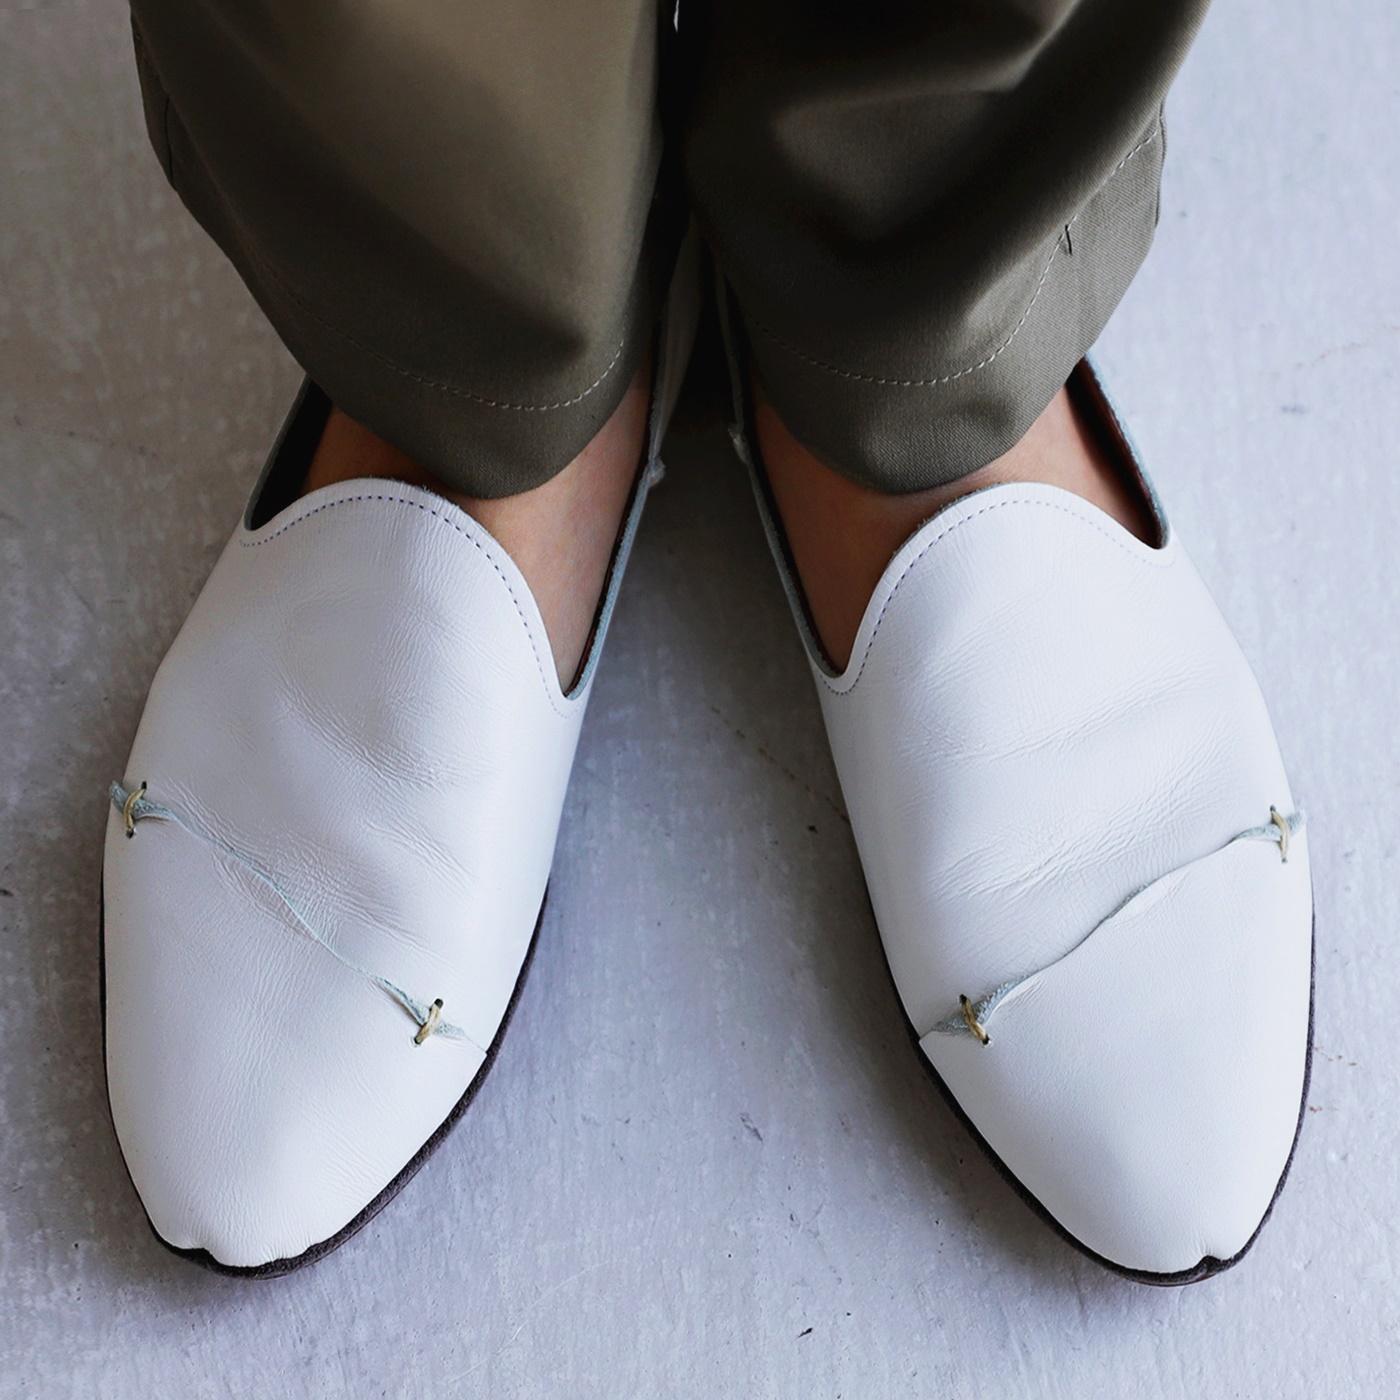 靴 至上 スリッポン レディース 本革 レザー 日本製 軽量 ローヒール 日本正規品 ぺたんこ 歩きやすい 白 今までとは全く違う工程で ホワイト レザースリッポン クッション 低反発 再再販 REV ブラック 黒 だから出せた風合と履き心地 メール便不可